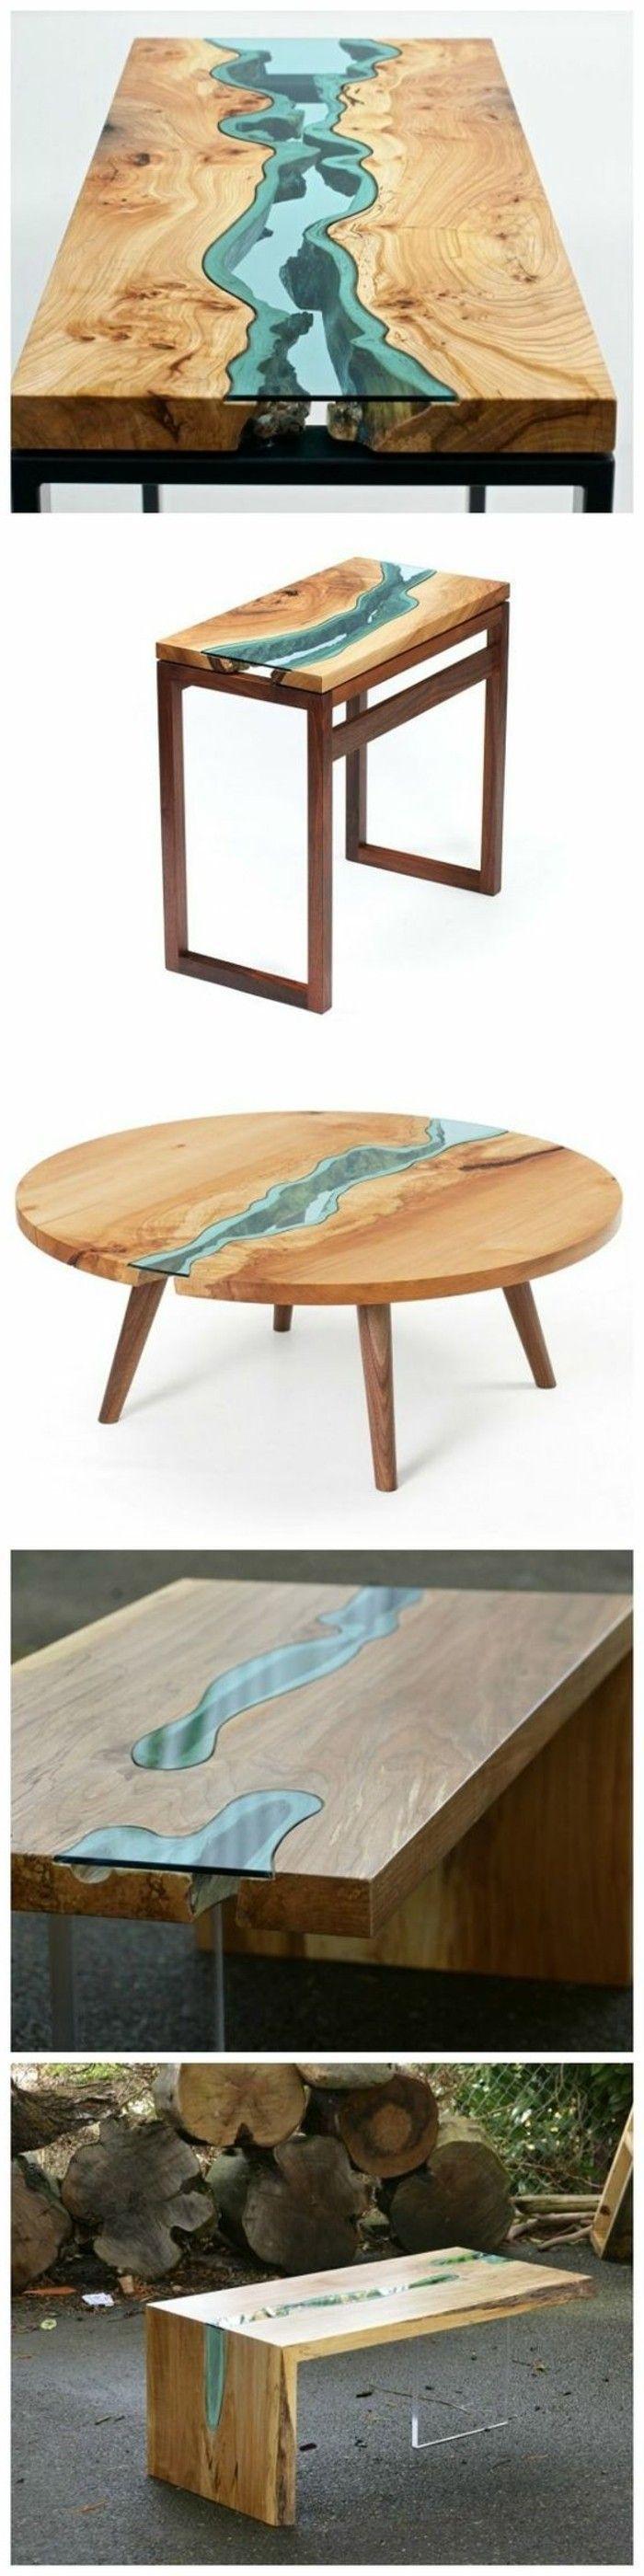 Diy Moebel Kreative Wohnideen Tisch Aus Holz Und Glas